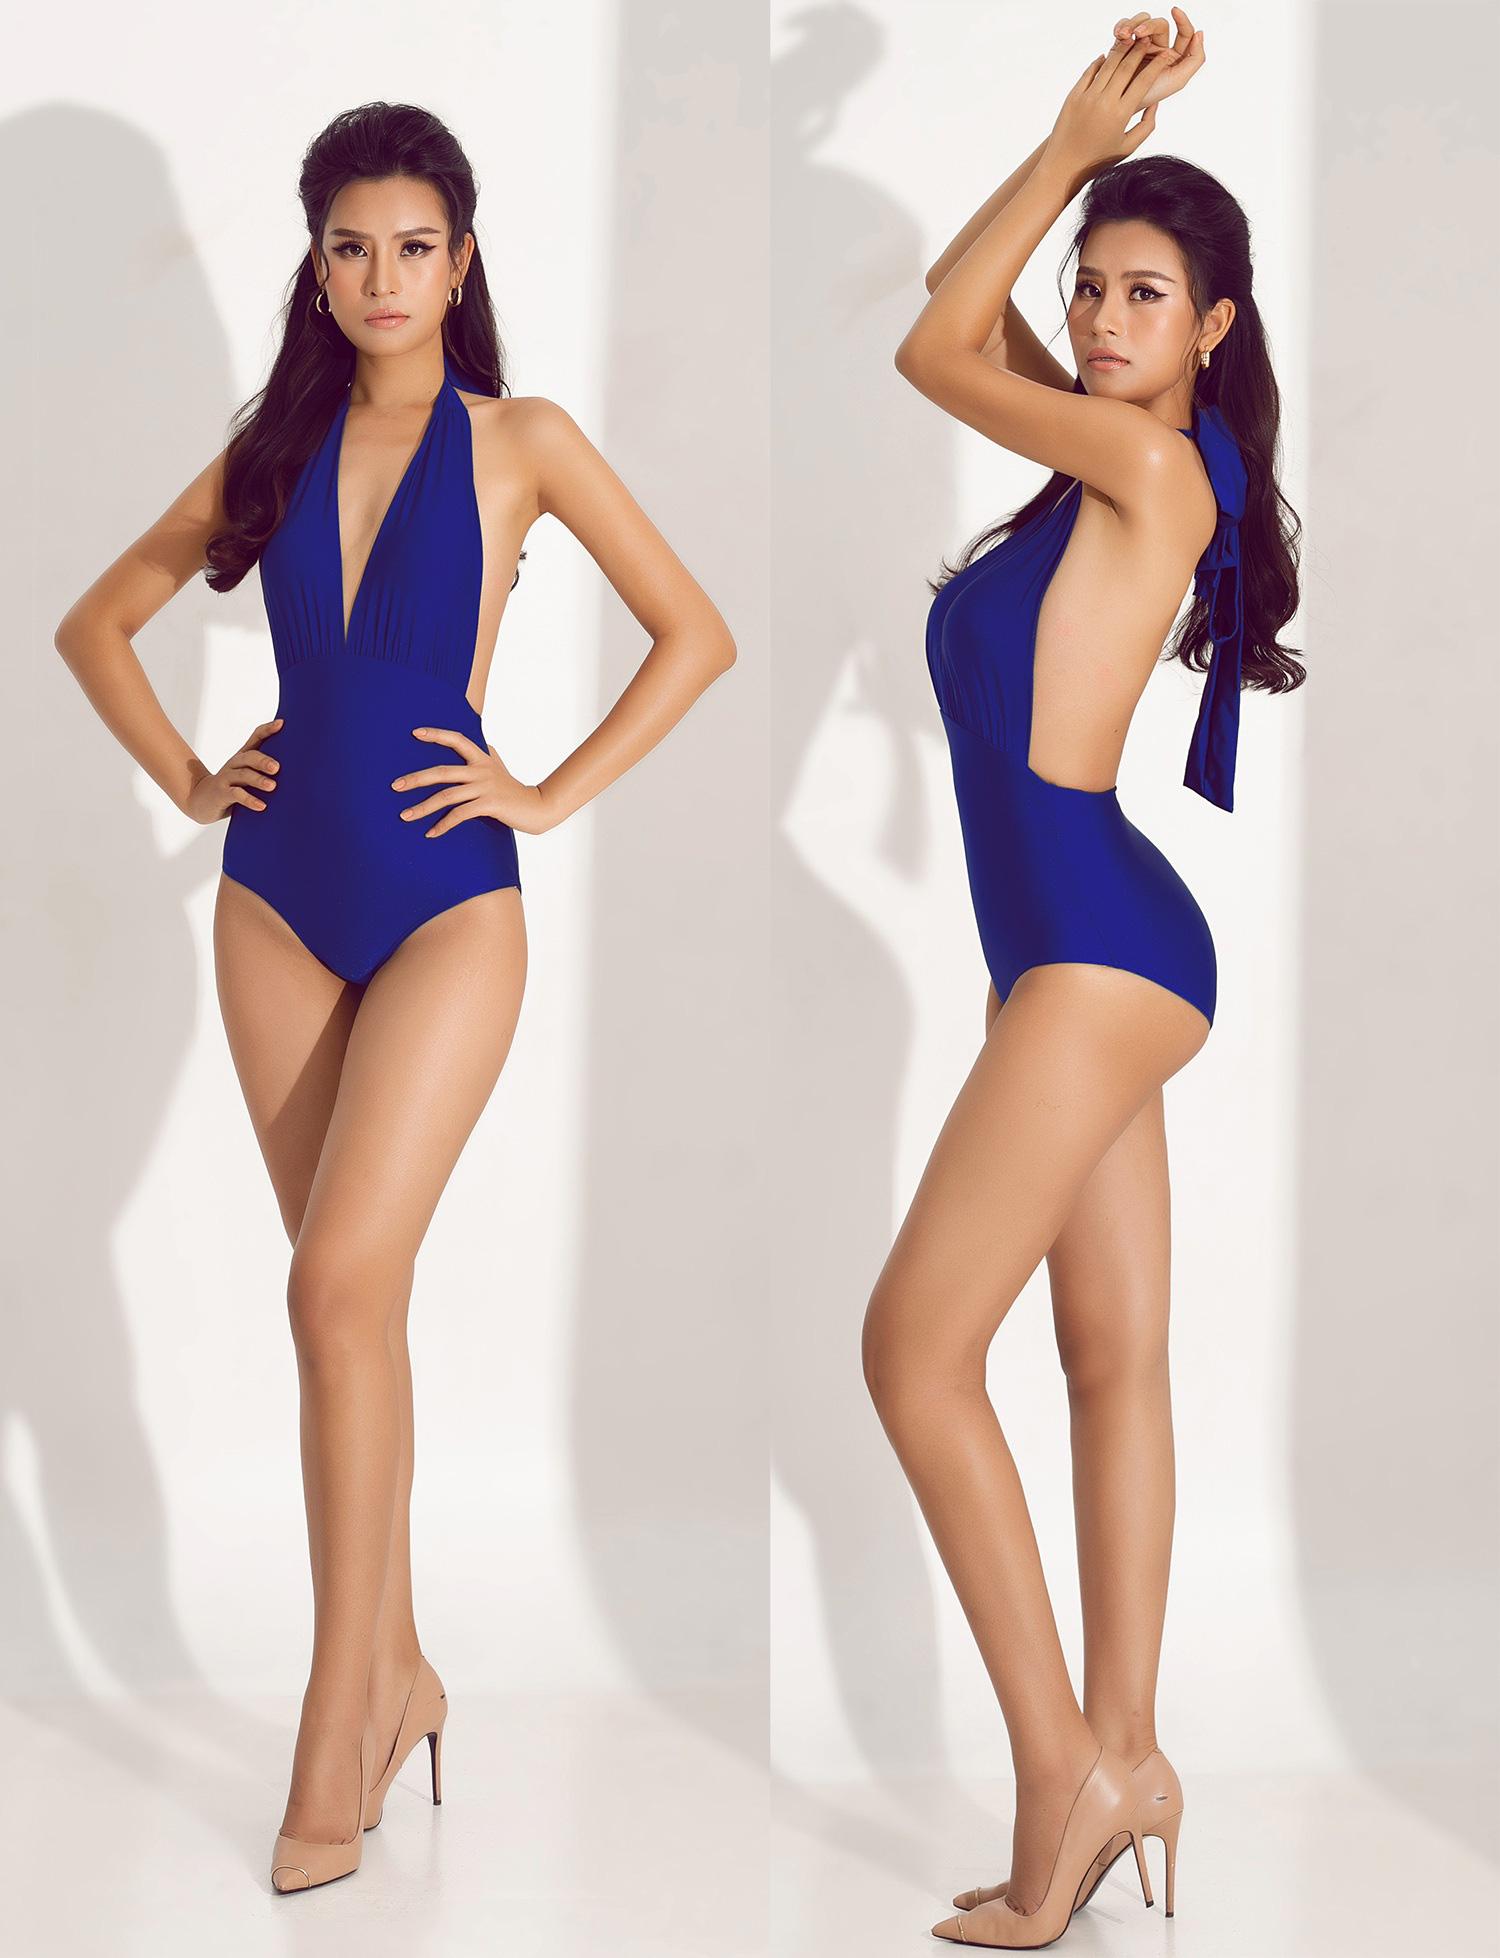 """Thái Thị Hoa nóng bỏng với bikini khoét hông táo bạo """"đốt mắt"""" trước thềm Hoa hậu Trái đất 2020 - Ảnh 6."""